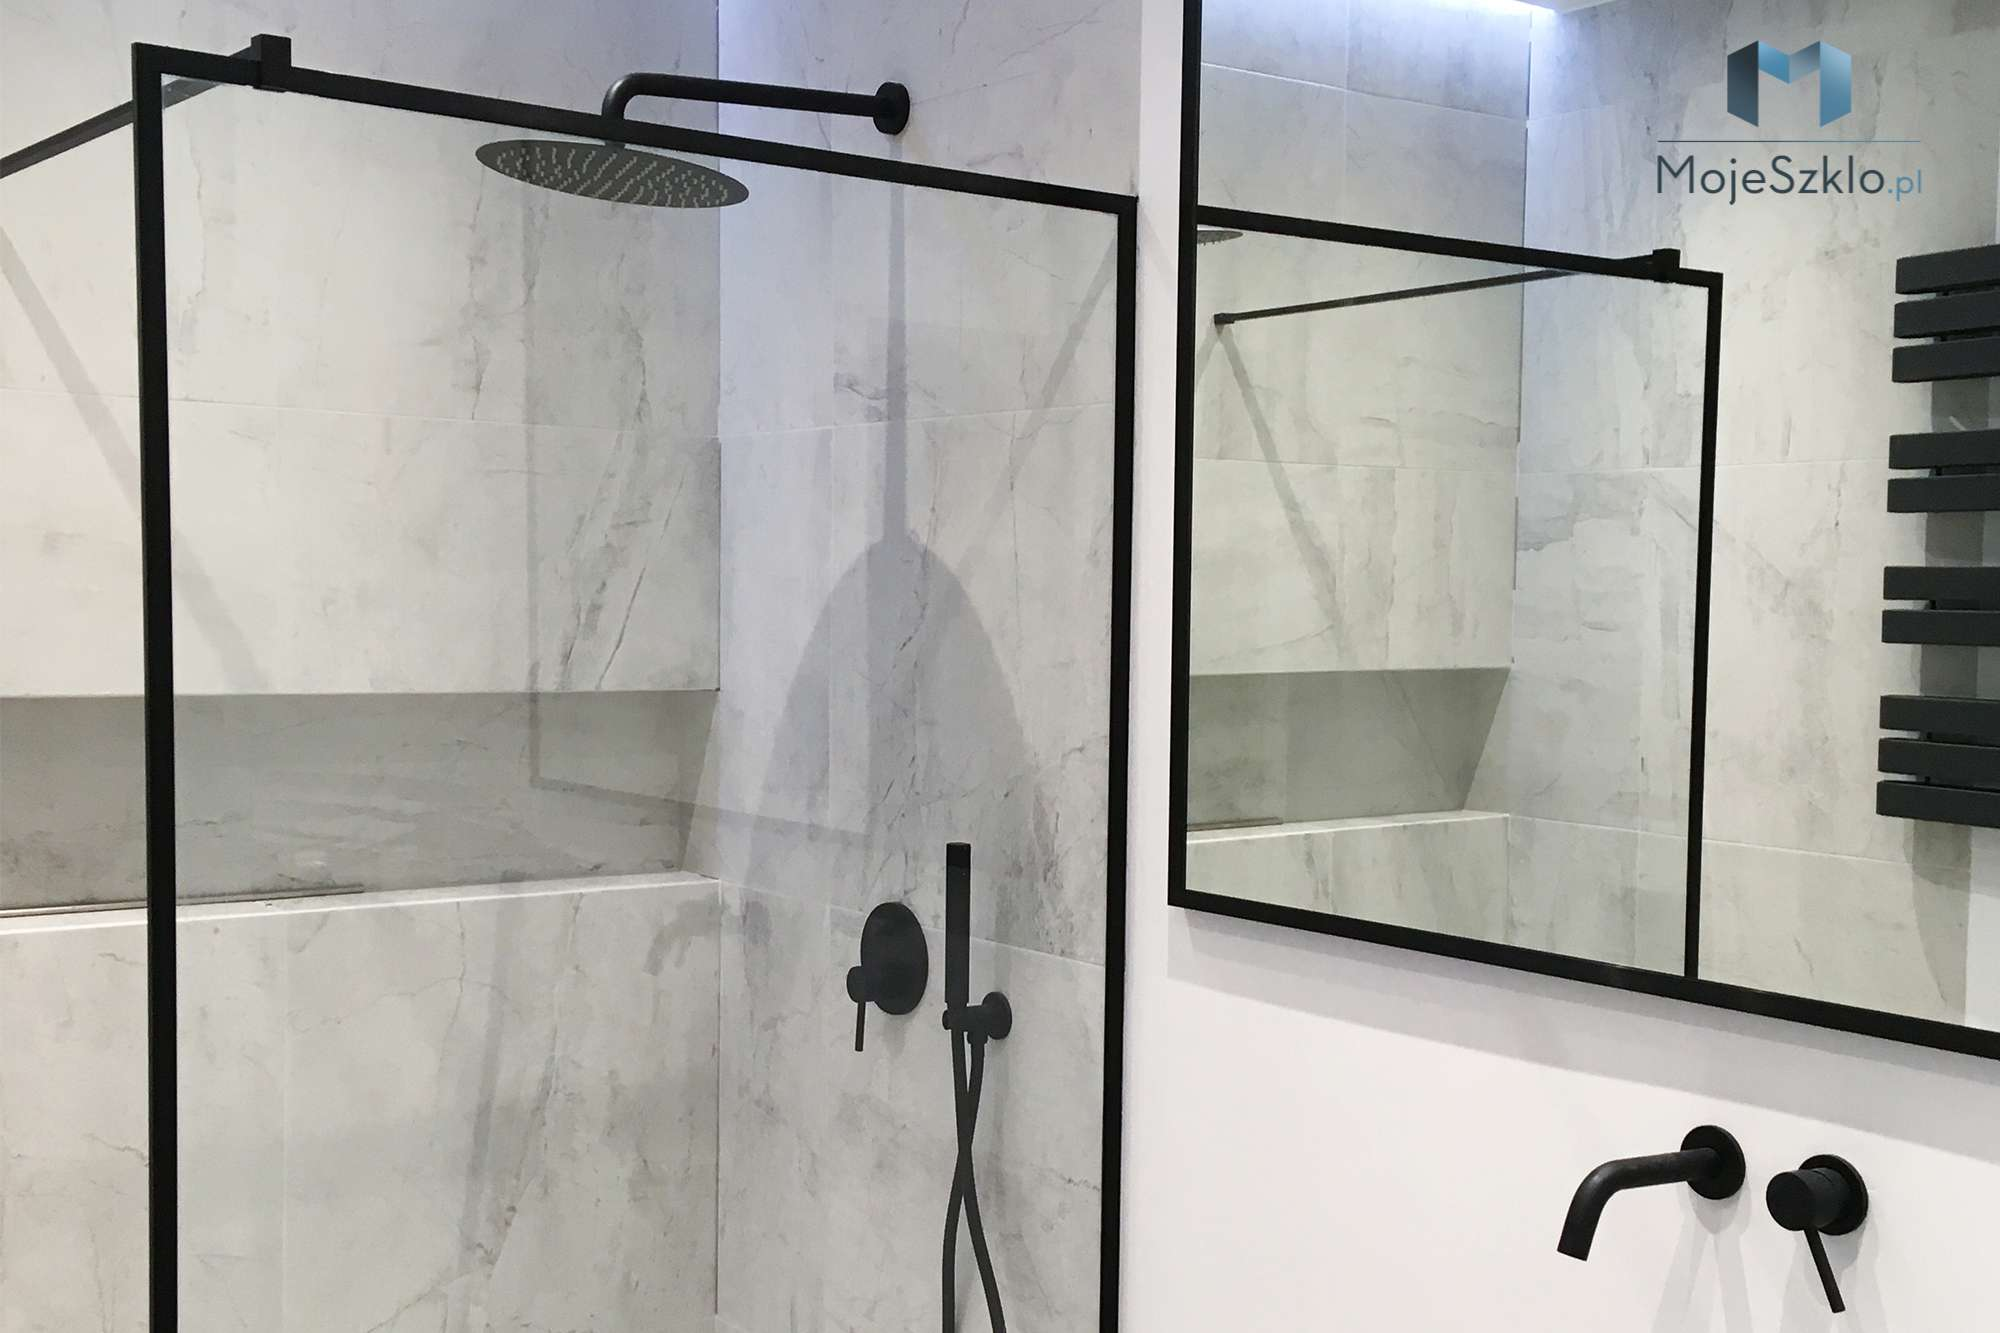 Kabina Prysznicowa W Czarnej Ramie - Lustro w ramie I Ramy aluminiowe, drewniane, lustrzane